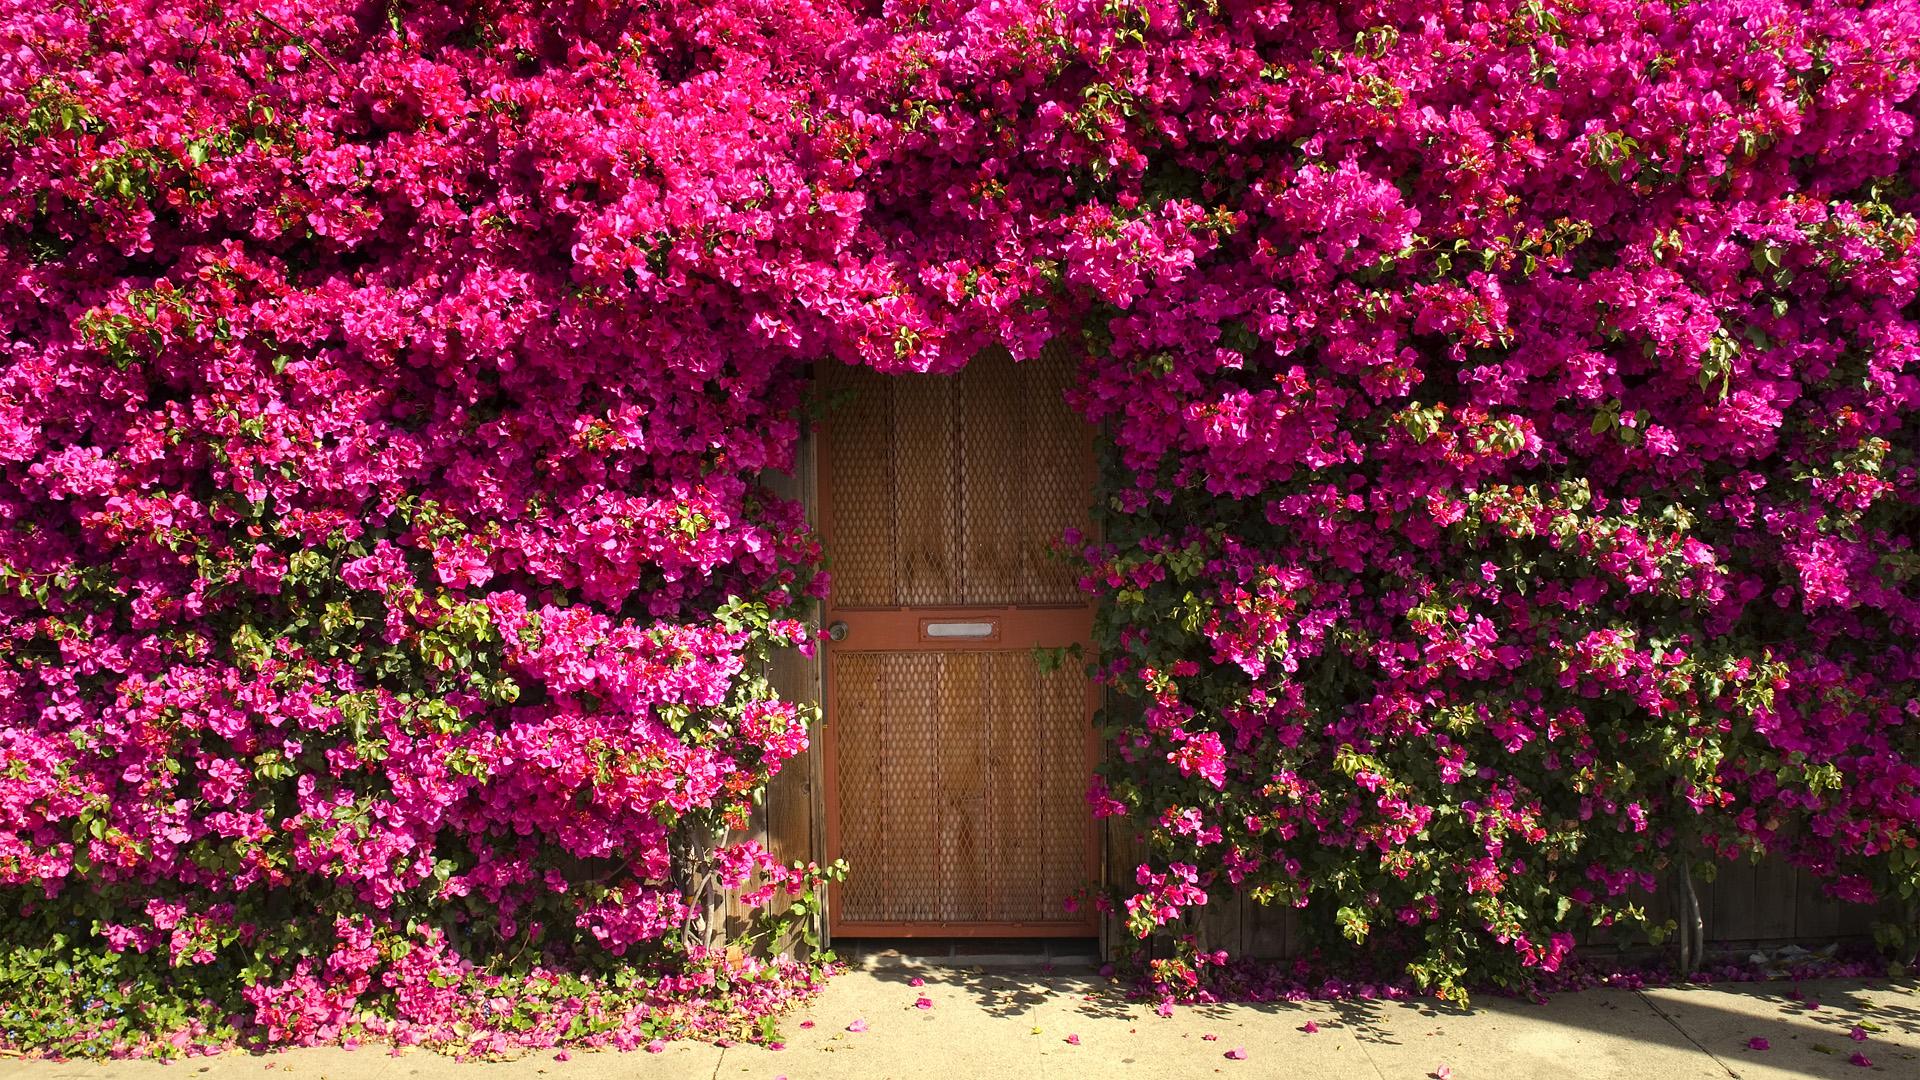 цветущие деревья во дворе  № 532086 бесплатно